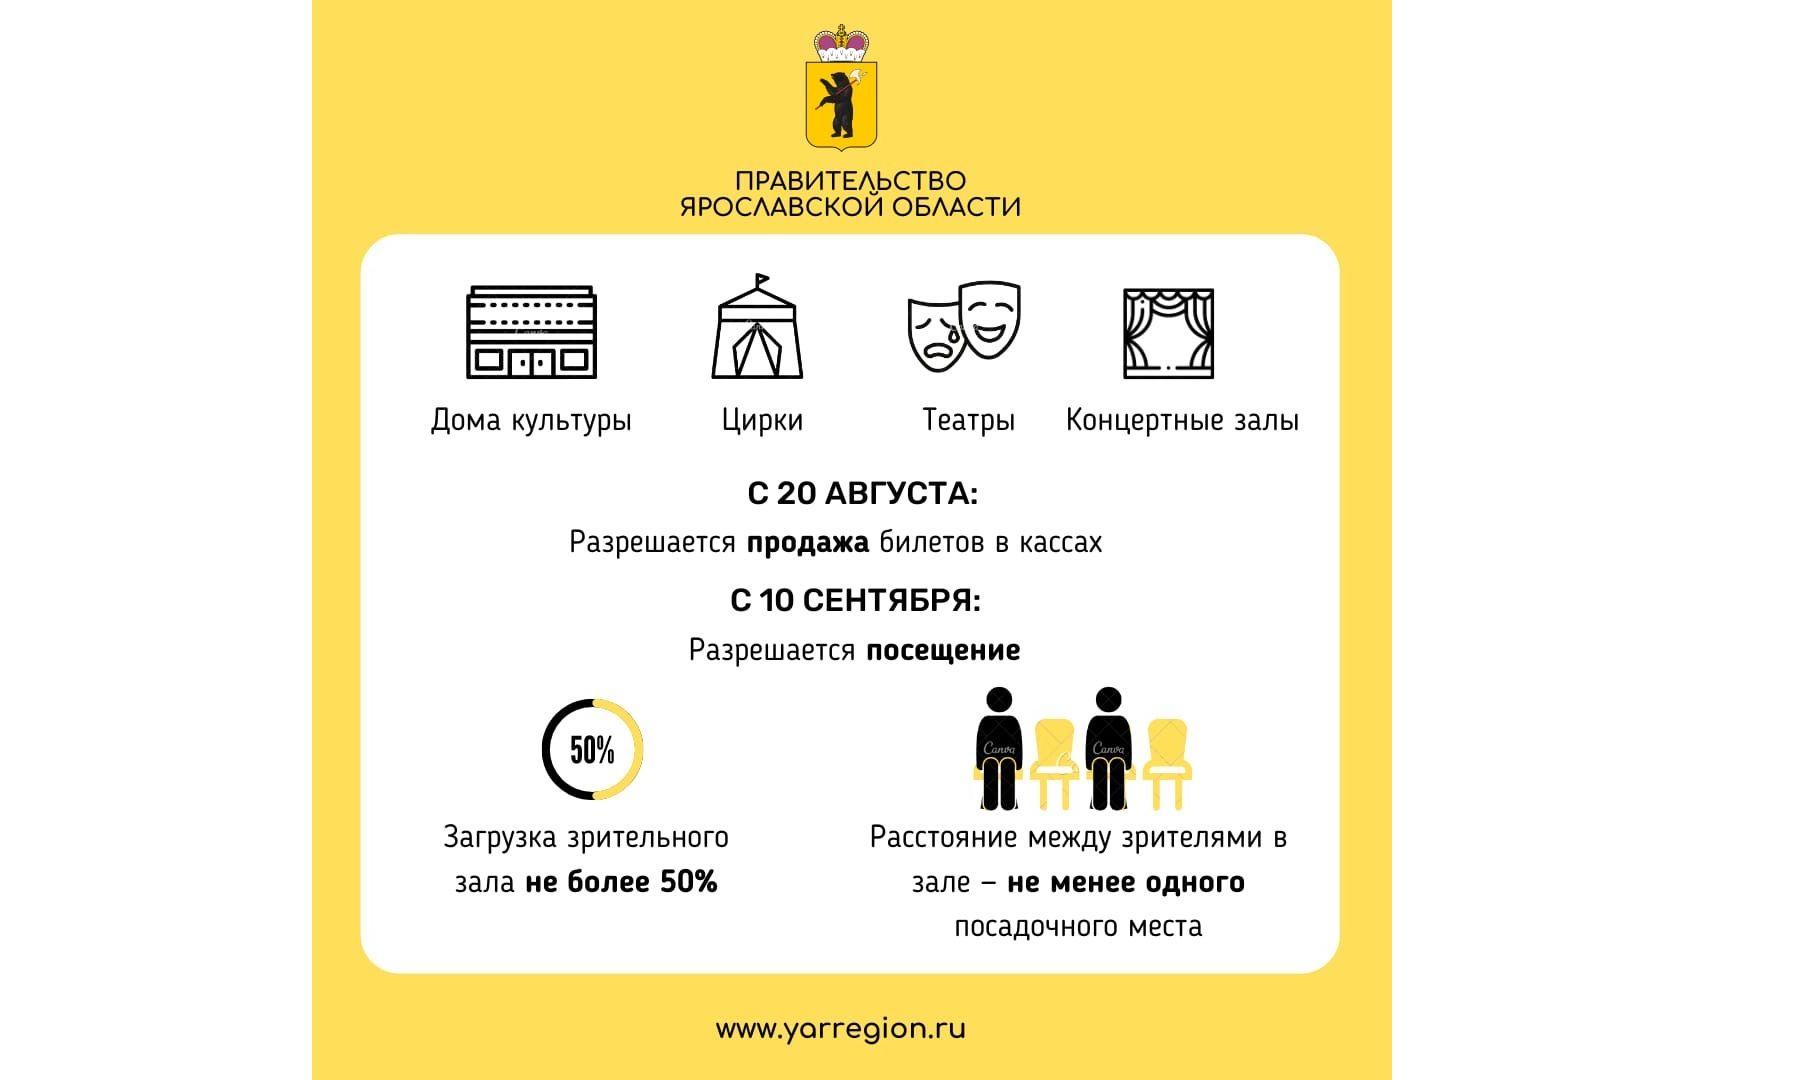 Дмитрий Миронов: в Ярославской области возобновят продажу билетов на концерты и в цирк